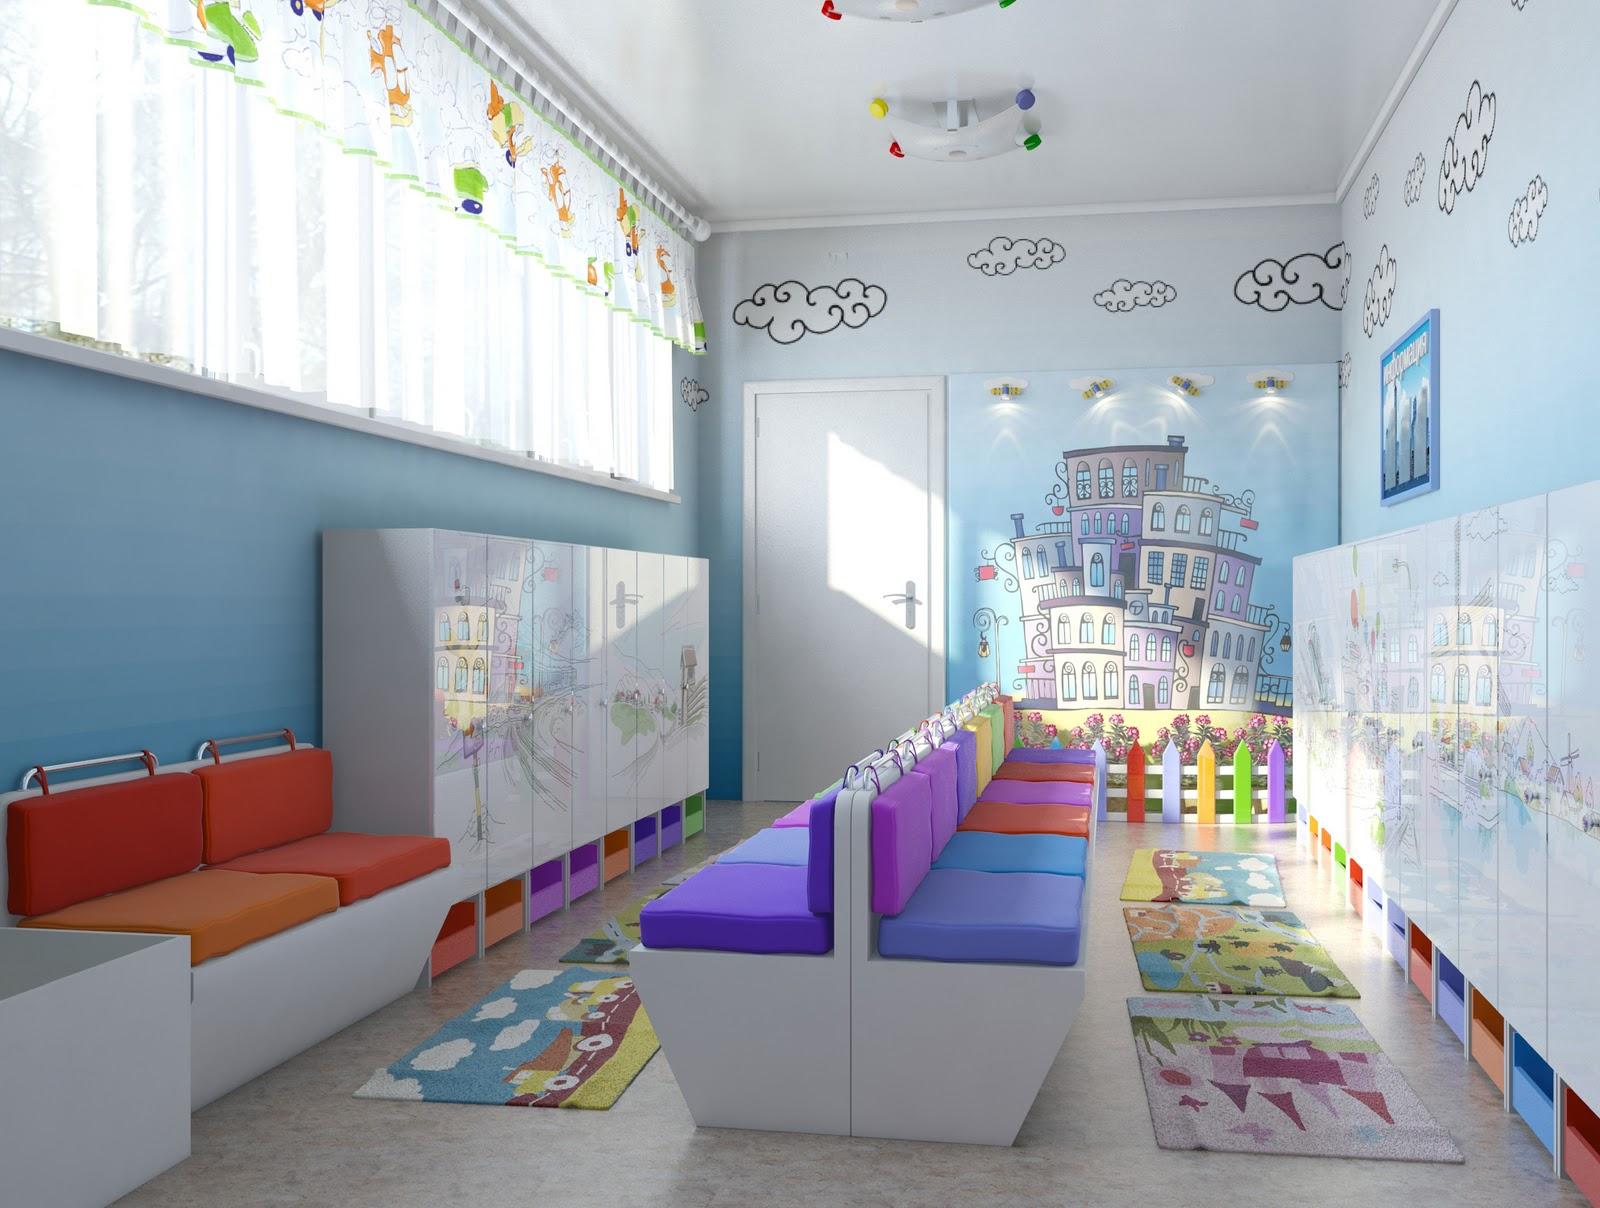 Фото раздевалки в детском саду дизайн